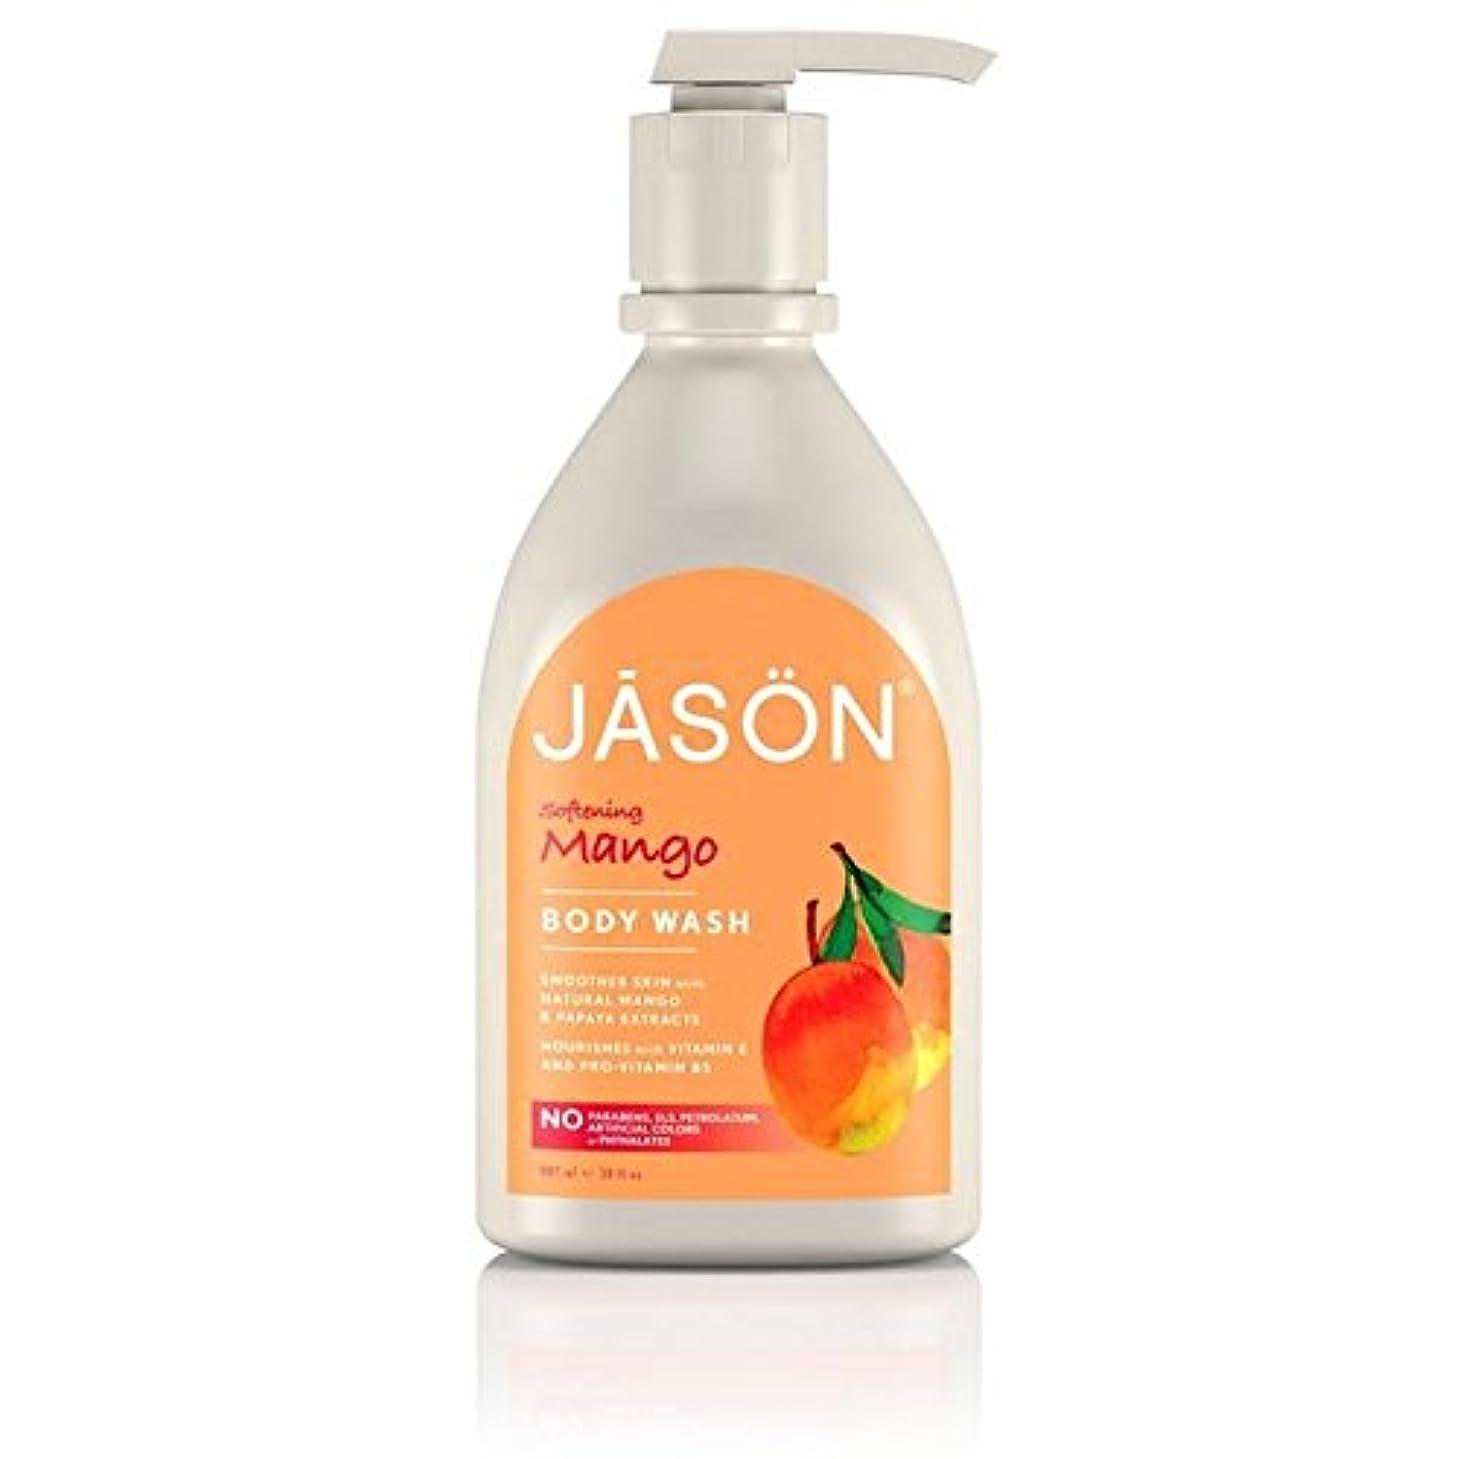 全滅させるピボットミスJason Mango Satin Body Wash Pump 900ml - ジェイソン?マンゴーサテンボディウォッシュポンプ900ミリリットル [並行輸入品]